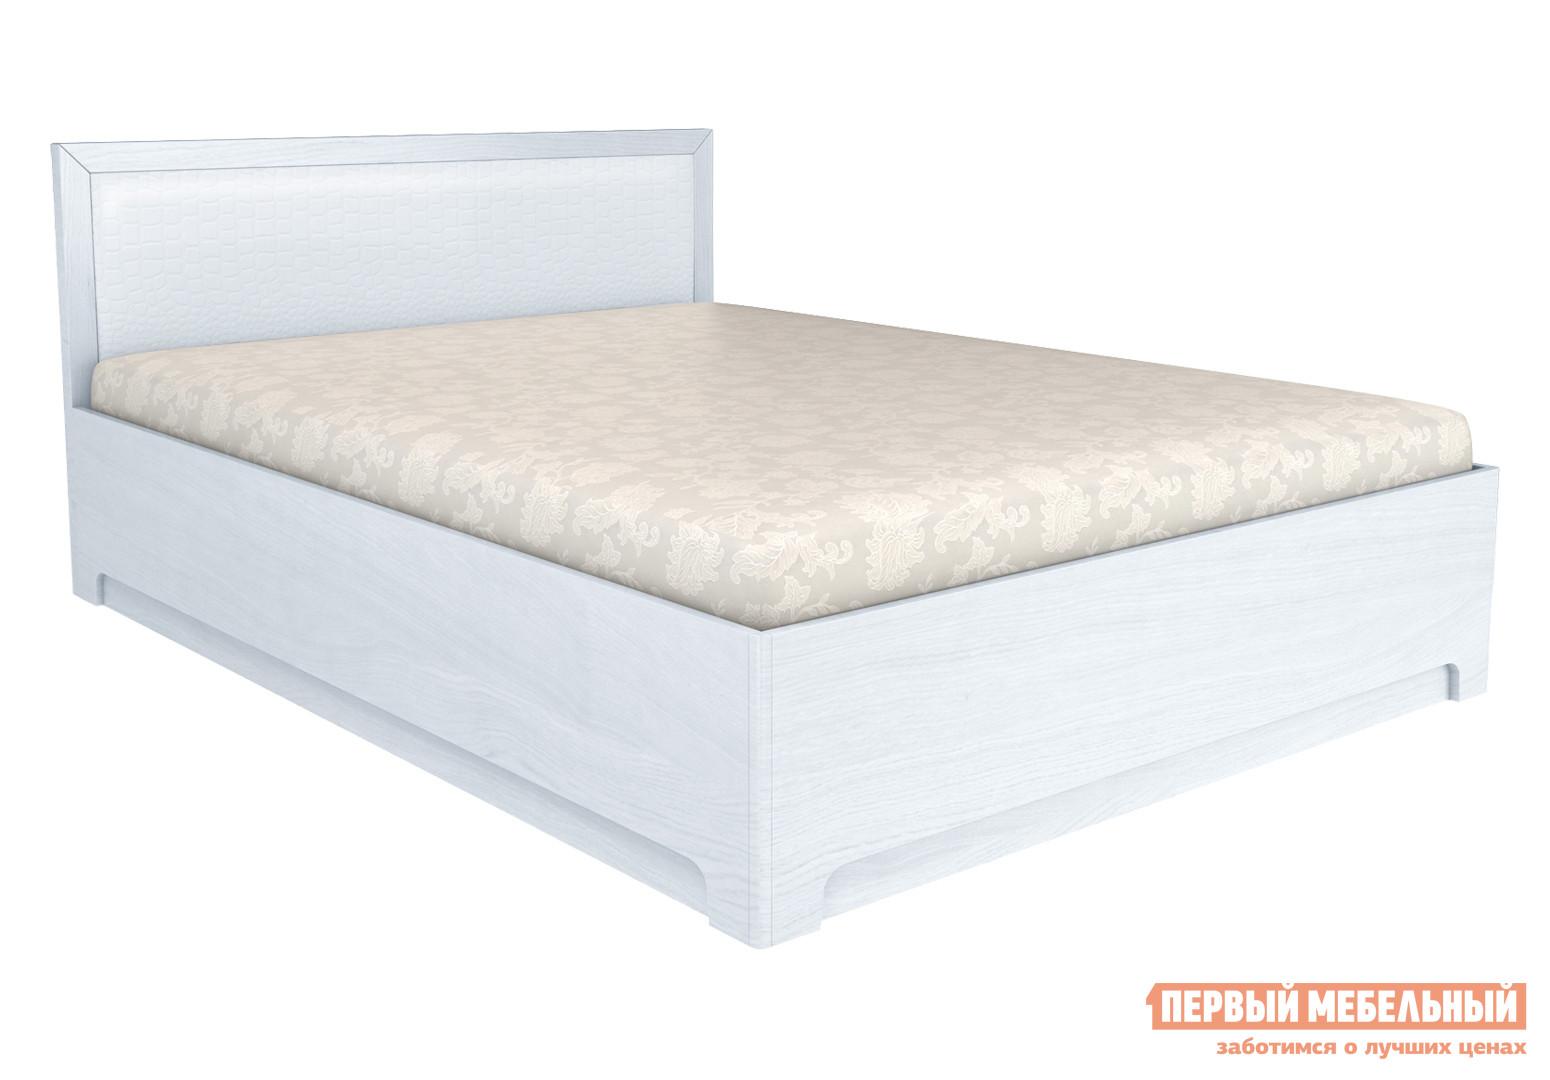 Двуспальная кровать с подъемным механизмом Первый Мебельный Капри 1 ПМ двуспальная кровать первый мебельный кровать бланес без пм кровать бланес с пм